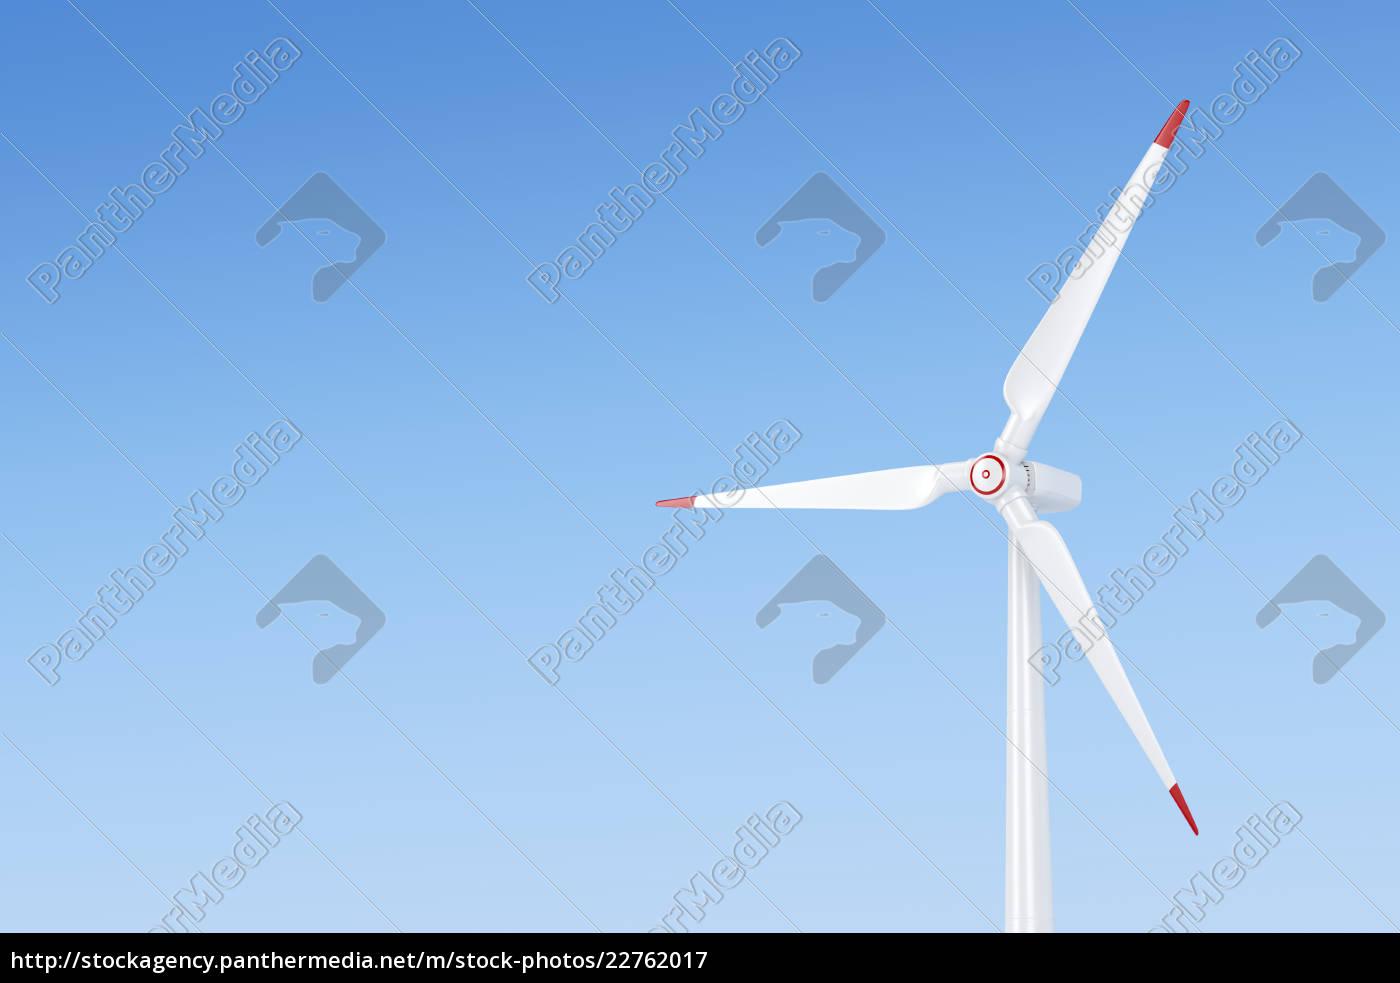 wind, turbine - 22762017